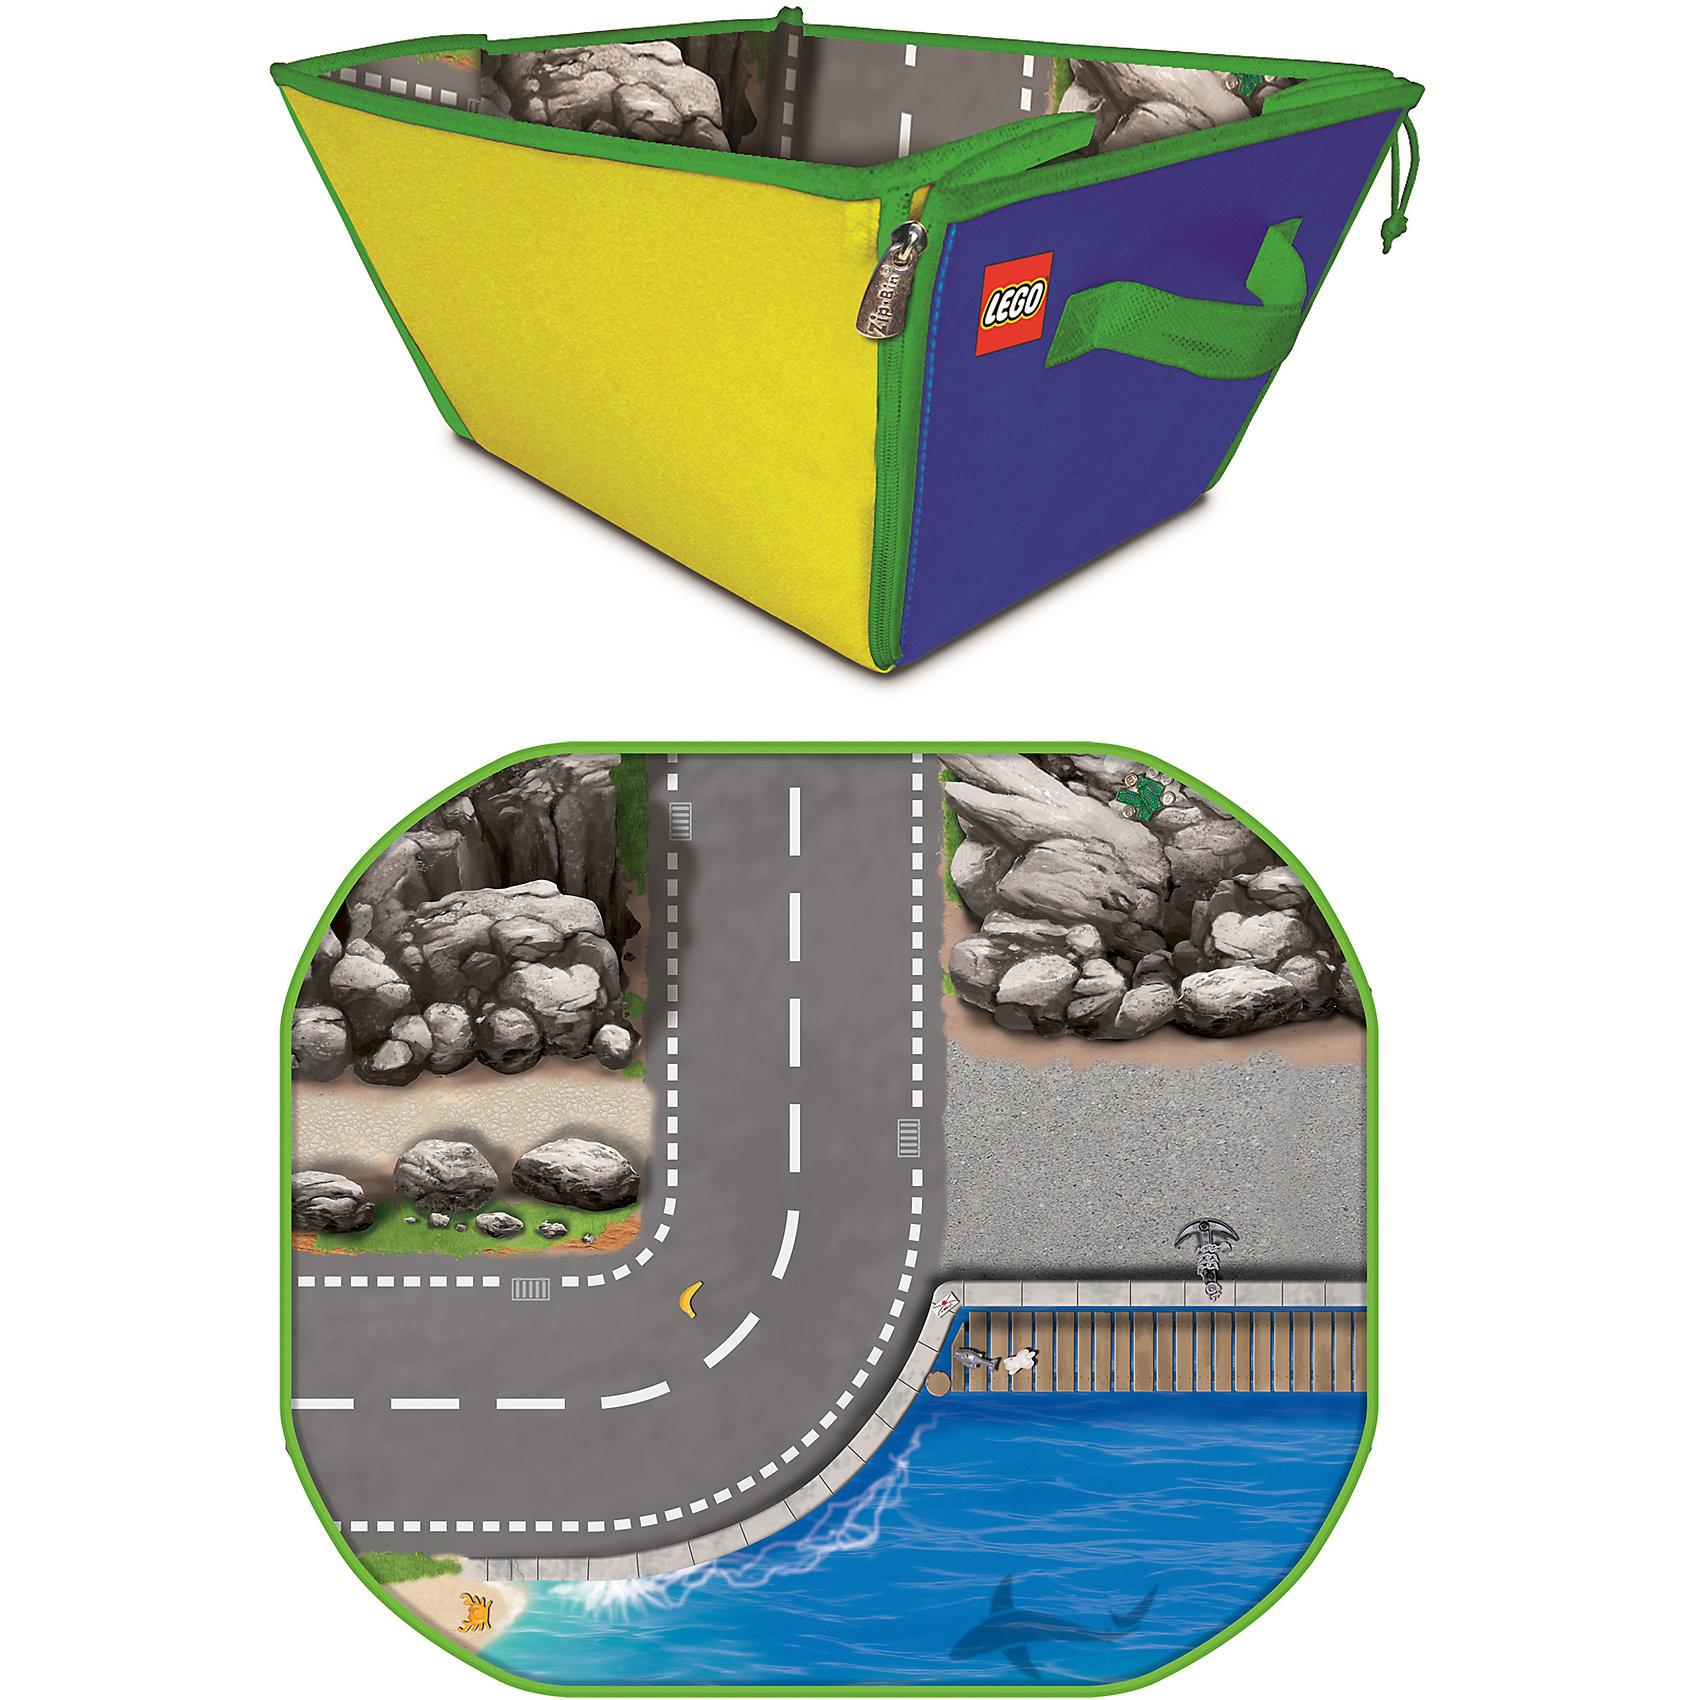 Коробка для хранения - игровое поле LEGOКоробка-коврик для игр, LEGO (ЛЕГО) - прекрасный подарок малышу и маме одновременно. Помимо того, что в коробке можно удобно хранить минифигурки и конструкторы LEGO (ЛЕГО), также можно раскладывать ее в качестве игрового поля в виде трассы. Коробка очень вместительная и удобная, в ней все продумано, чтобы мама могла меньше убирать, а маленький любитель конструкторов LEGO (ЛЕГО) мог сам с удовольствием убирать после себя игрушки. У коробки удобные ручки для переноски и молнии по бокам, помогающие превратить коробку в фантазийный игровой коврик. Качество коробки, как и всей продукции LEGO (ЛЕГО) на высоте, поэтому удобный аксессуар прослужит Вам очень долго!<br><br>Дополнительная информация:<br><br>- Прочная коробка на молнии;<br>- Ручки для переноски;<br>- Помогает приучить малыша к порядку;<br>- Решает проблему хранения;<br>- Материалы: 50 % полипропилен, 50 % картон;<br>- Привлекательный дизайн;<br>- Размер коробки: 32 х 42 х 20 см;<br>- Вес: 286 г<br><br>Коробку для хранения - игровое поле, LEGO (ЛЕГО) можно купить в нашем интернет-магазине.<br><br>Ширина мм: 320<br>Глубина мм: 420<br>Высота мм: 200<br>Вес г: 286<br>Возраст от месяцев: 36<br>Возраст до месяцев: 180<br>Пол: Мужской<br>Возраст: Детский<br>SKU: 4015185